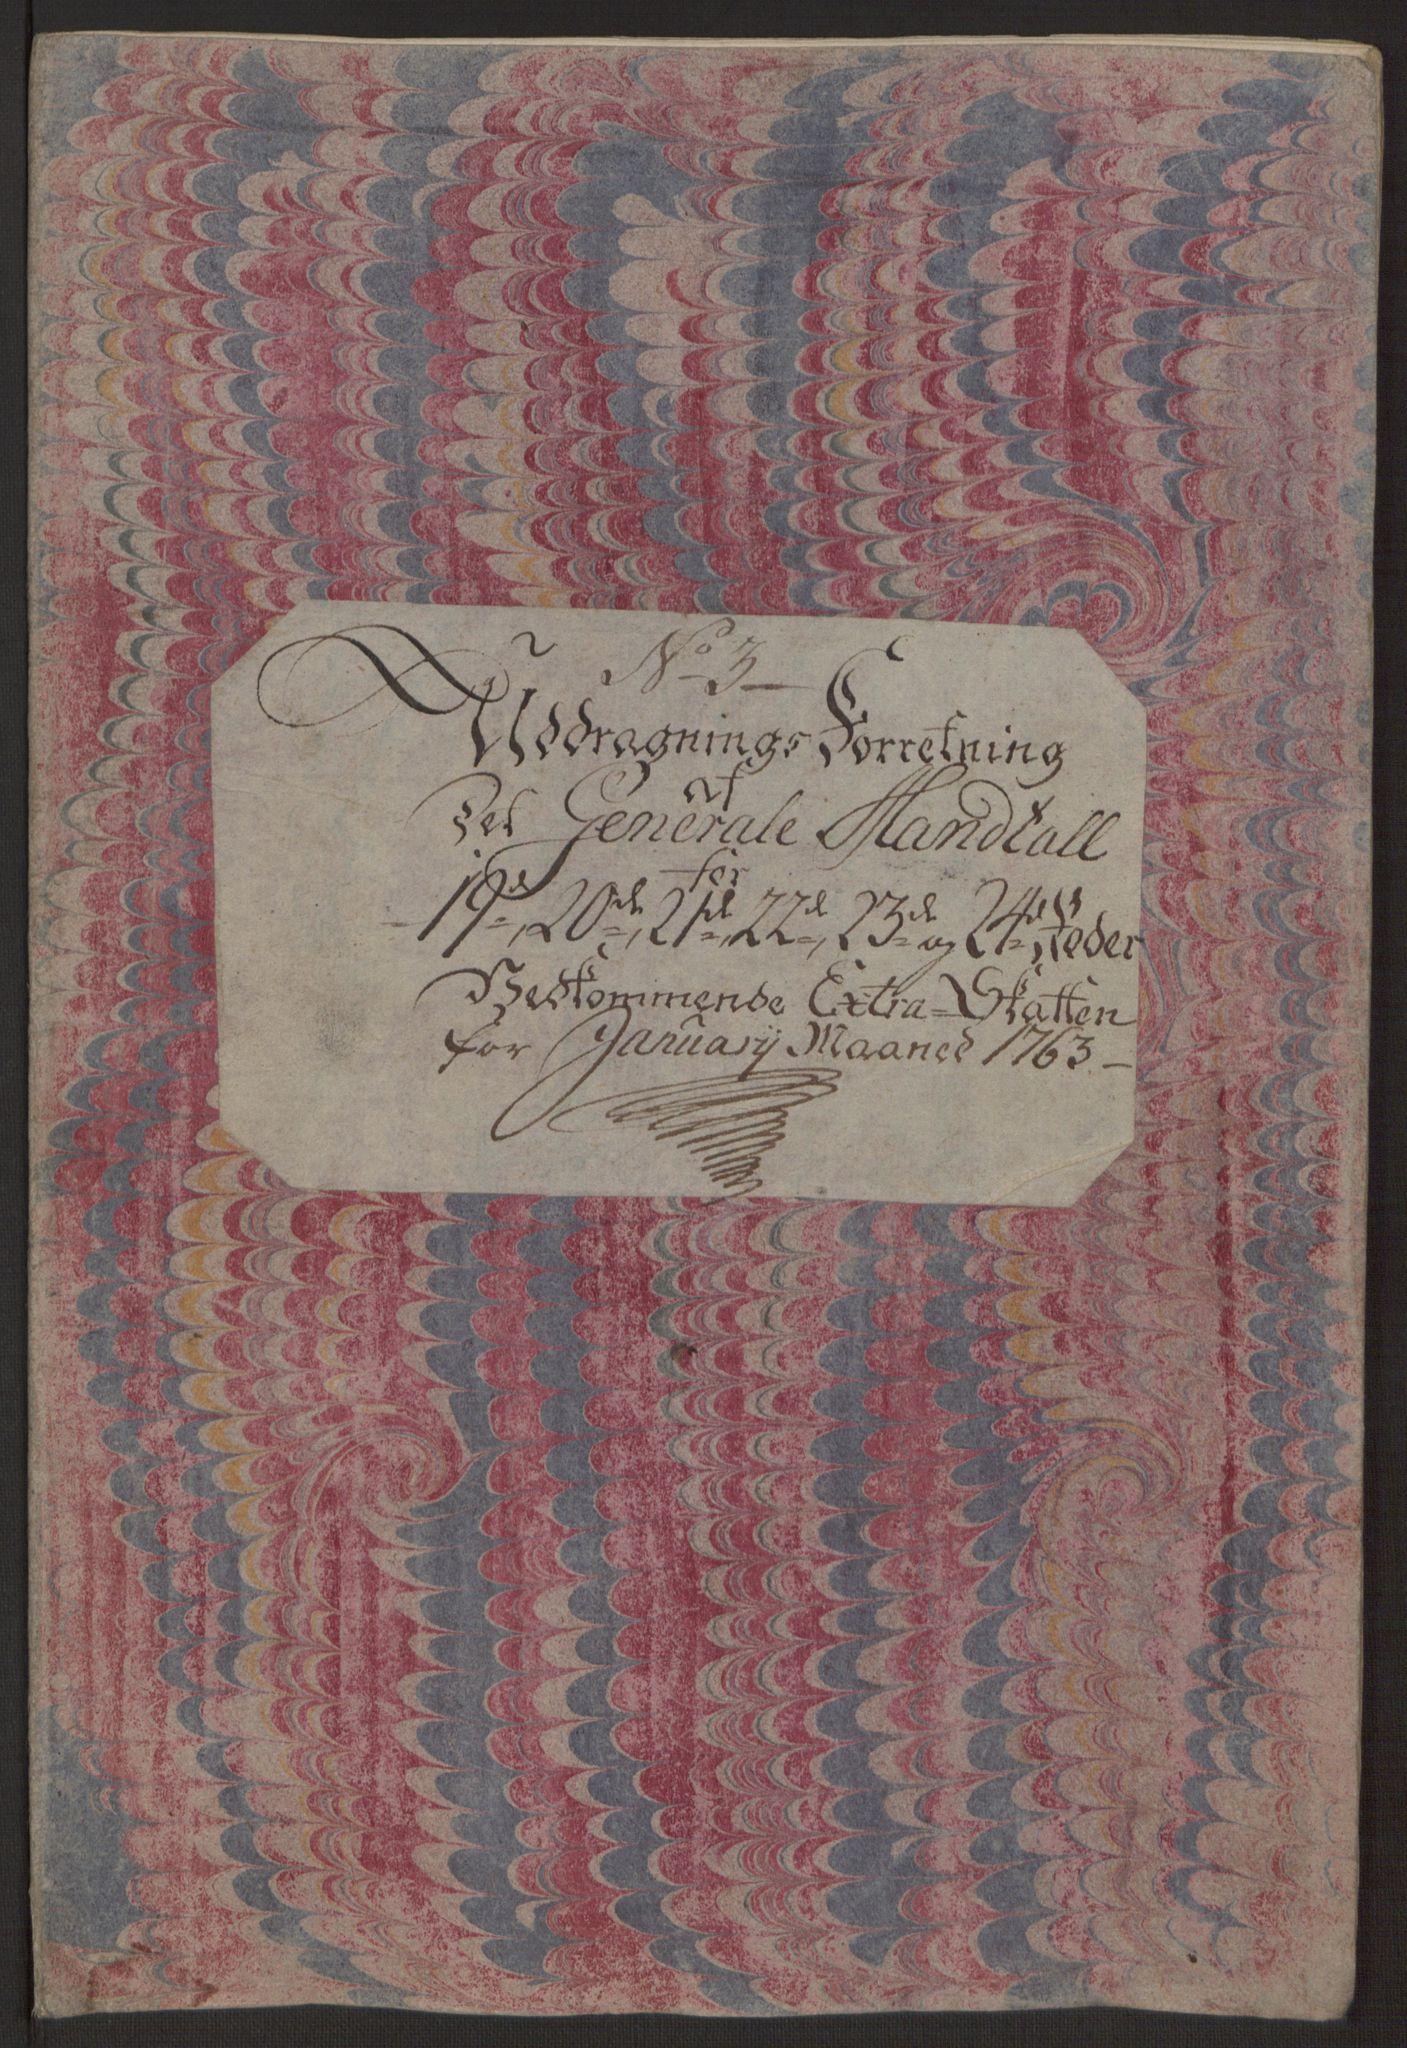 RA, Rentekammeret inntil 1814, Reviderte regnskaper, Byregnskaper, R/Rp/L0366: [P20] Kontribusjonsregnskap, 1763, s. 187